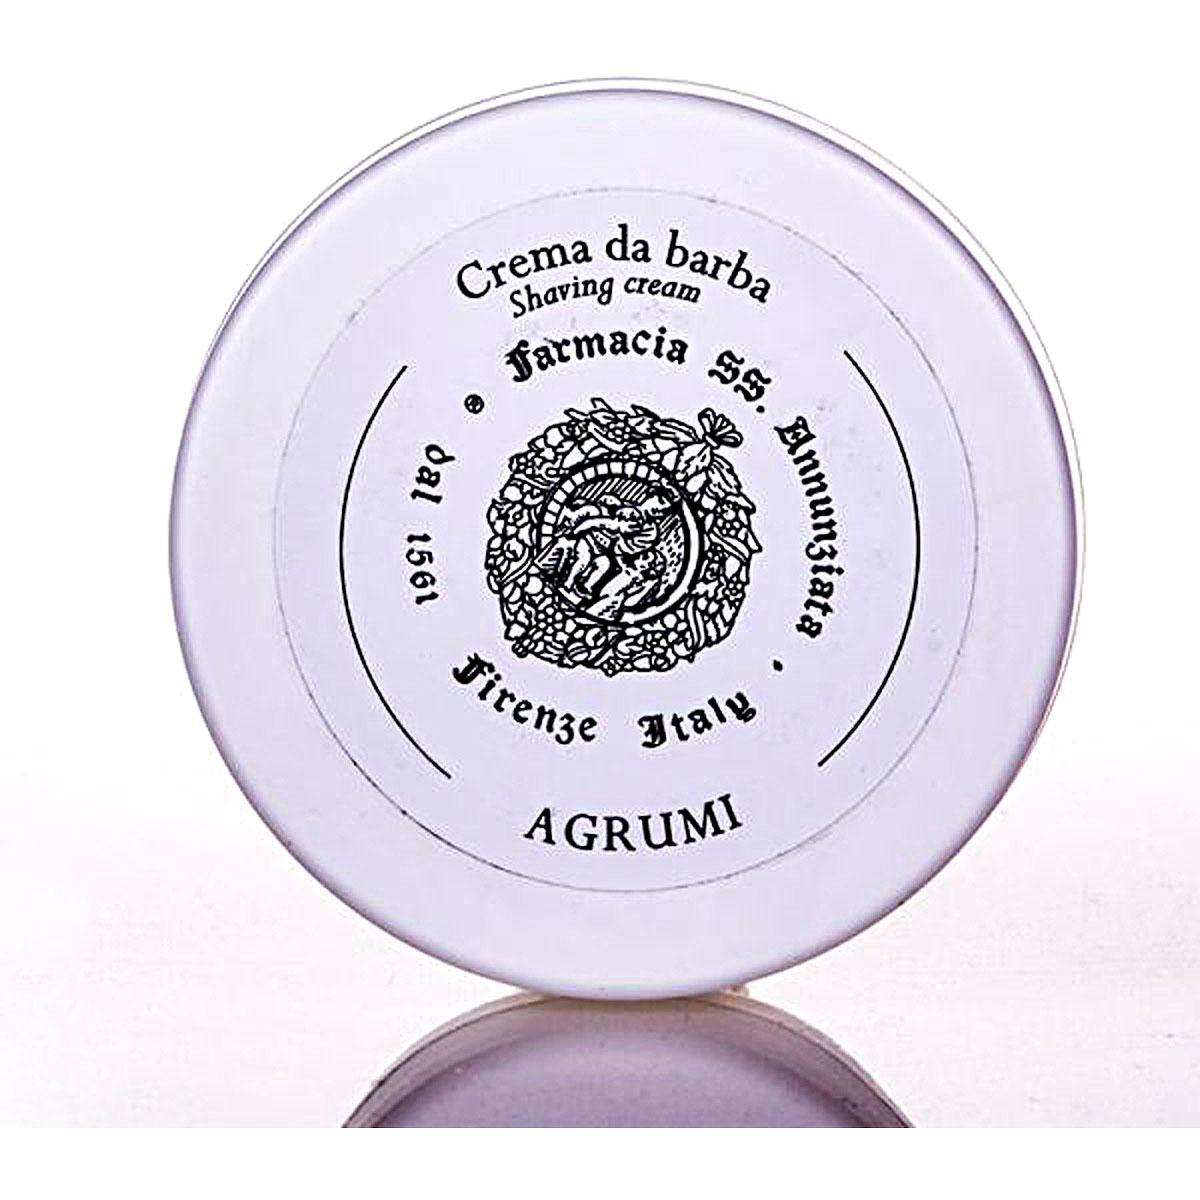 Farmacia Ss Annunziata 1561 Shave for Men, Agrumi - Shave Cream- 200 Ml, 2019, 200 ml